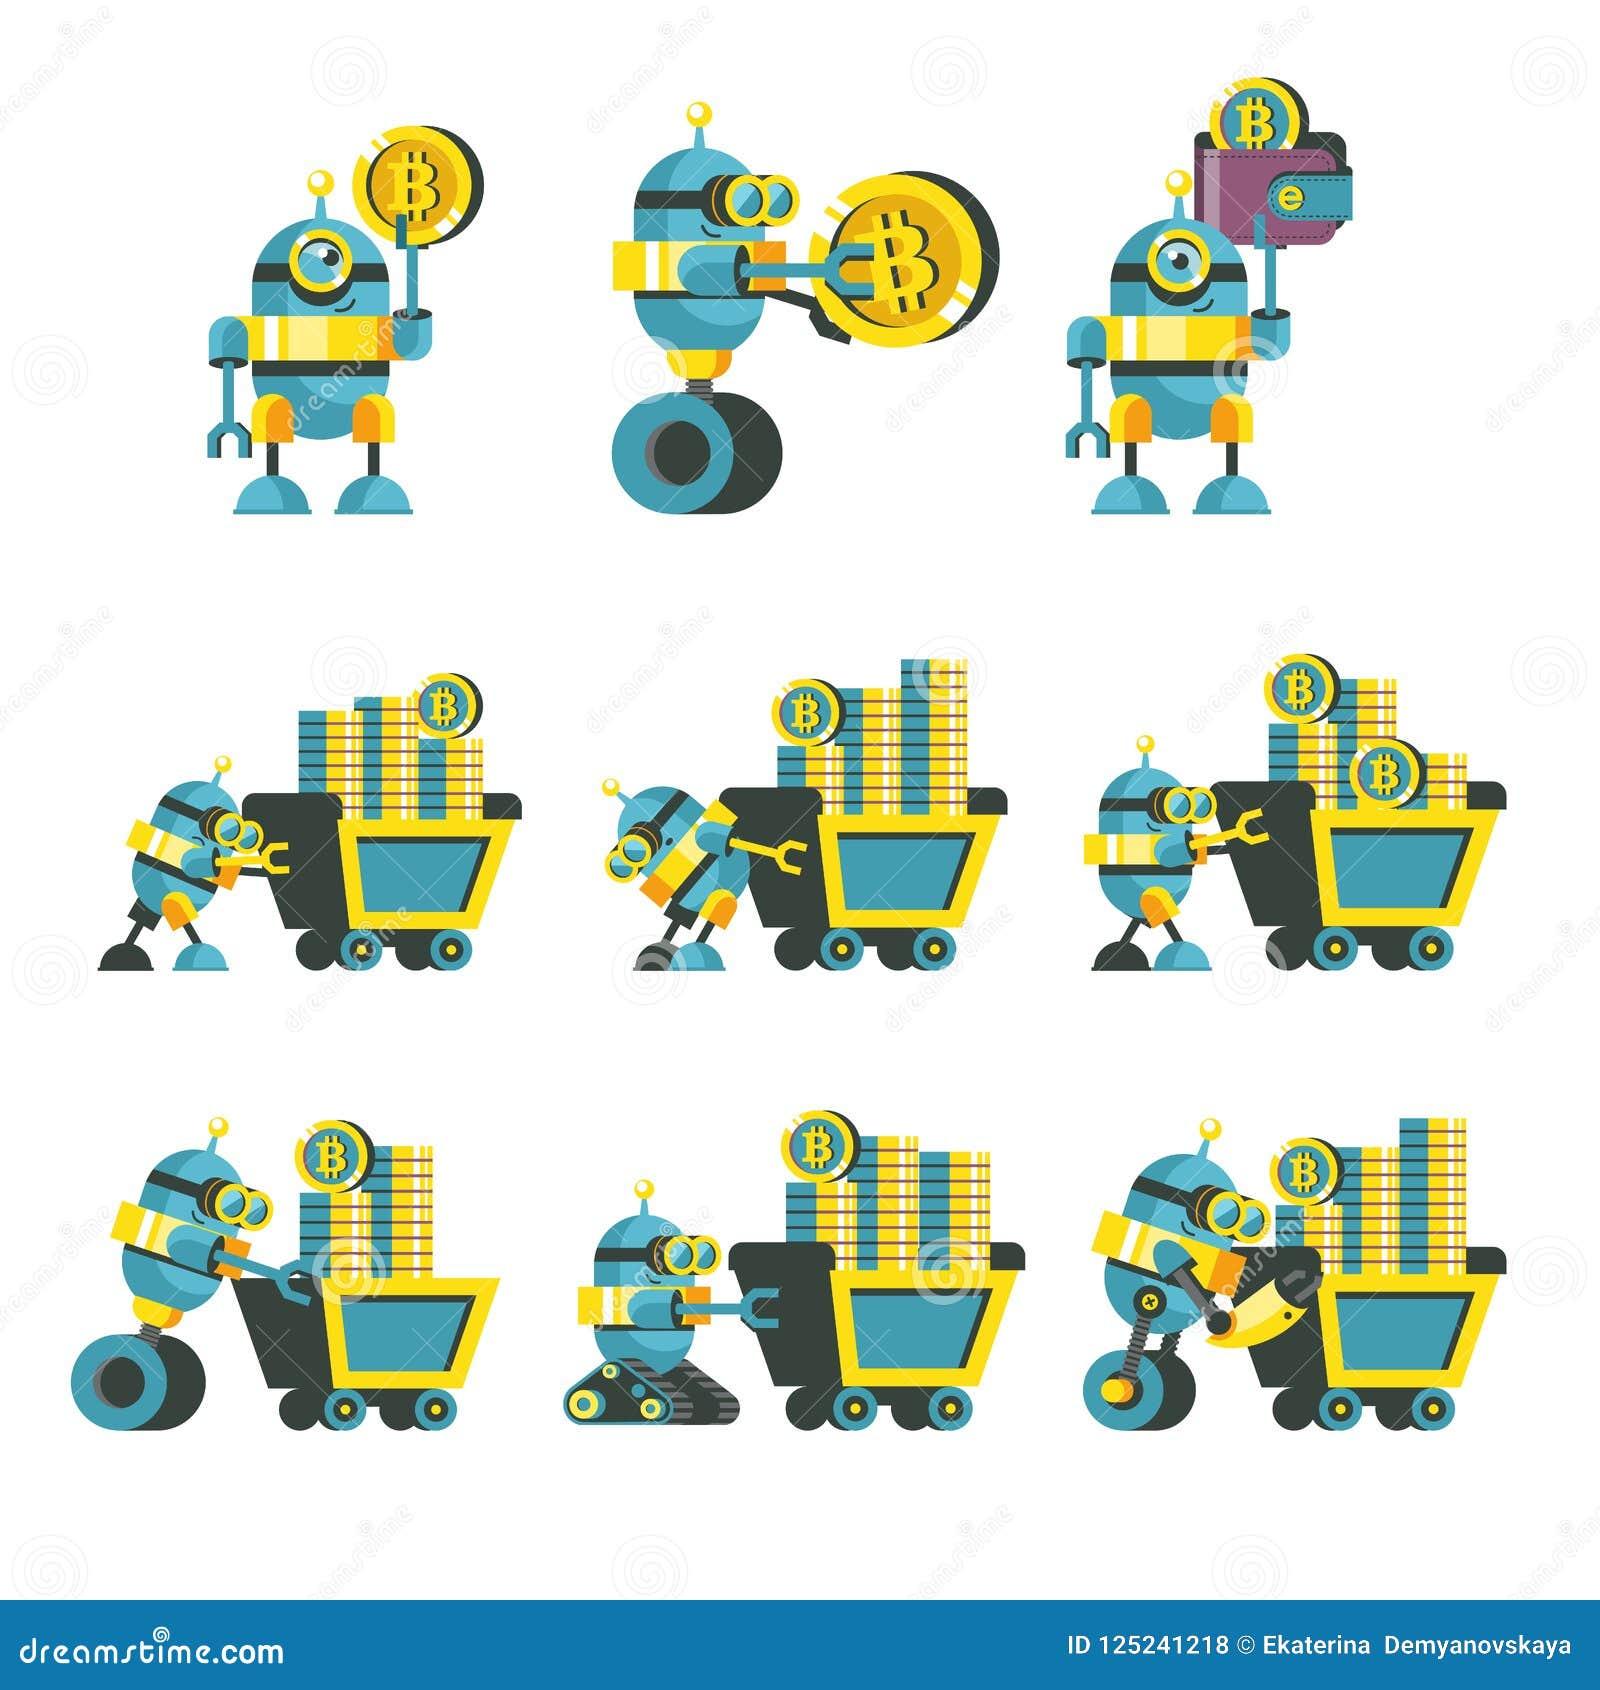 auto mining robot bitcoin)